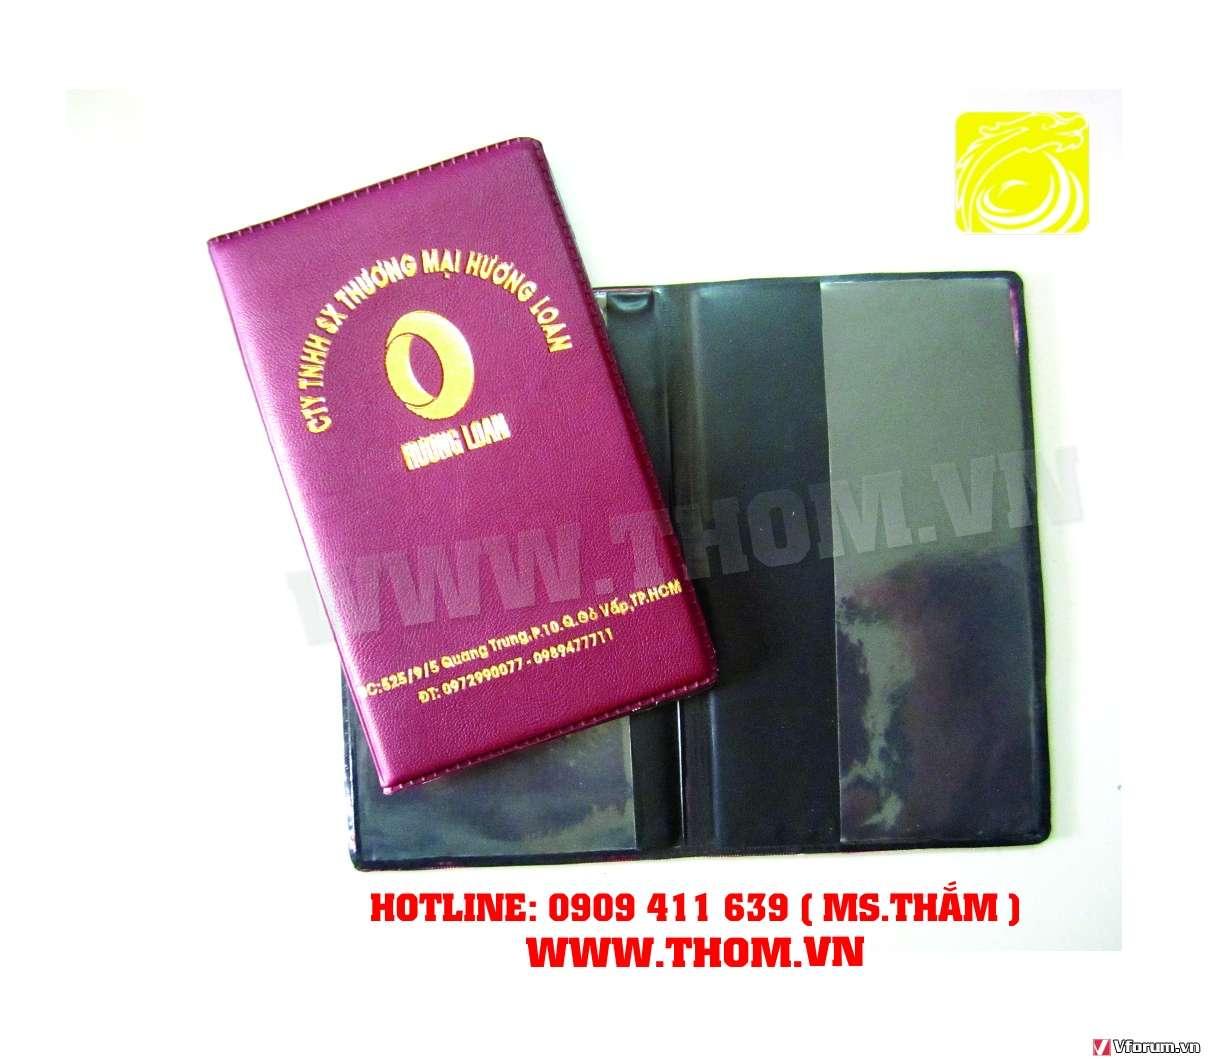 Cơ sở sản xuất bìa da, bìa menu da, bìa sổ da, làm bìa kẹp tiền da, bìa kẹp hồ sơ da giá rẻ 09094116